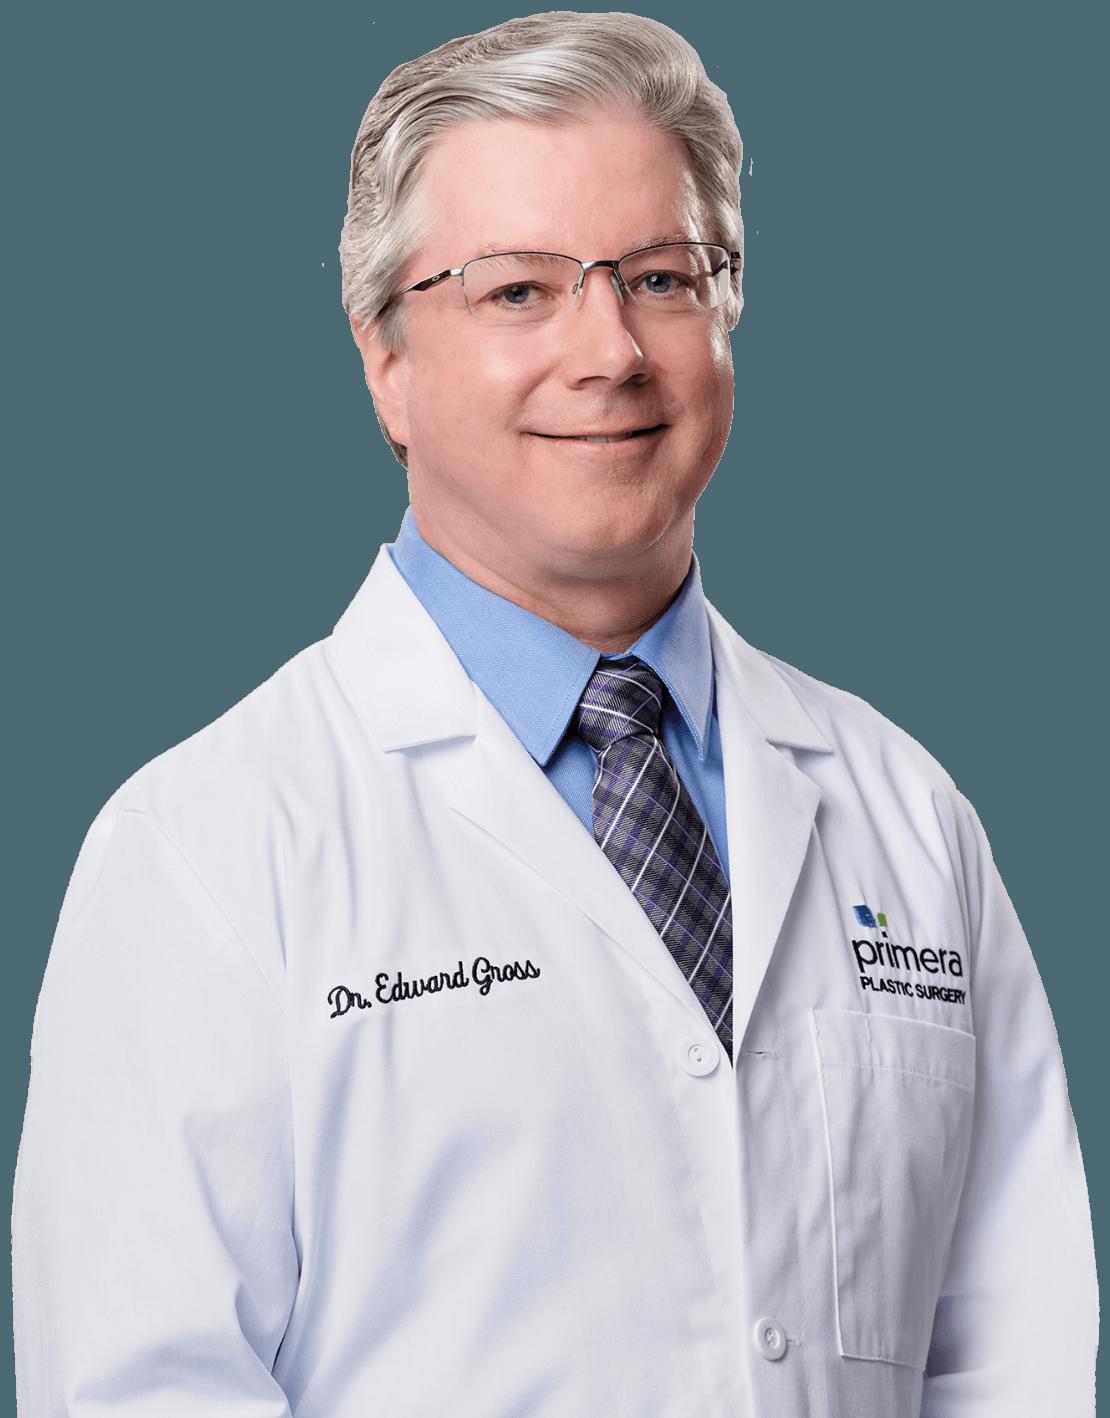 Dr. Edward Gross